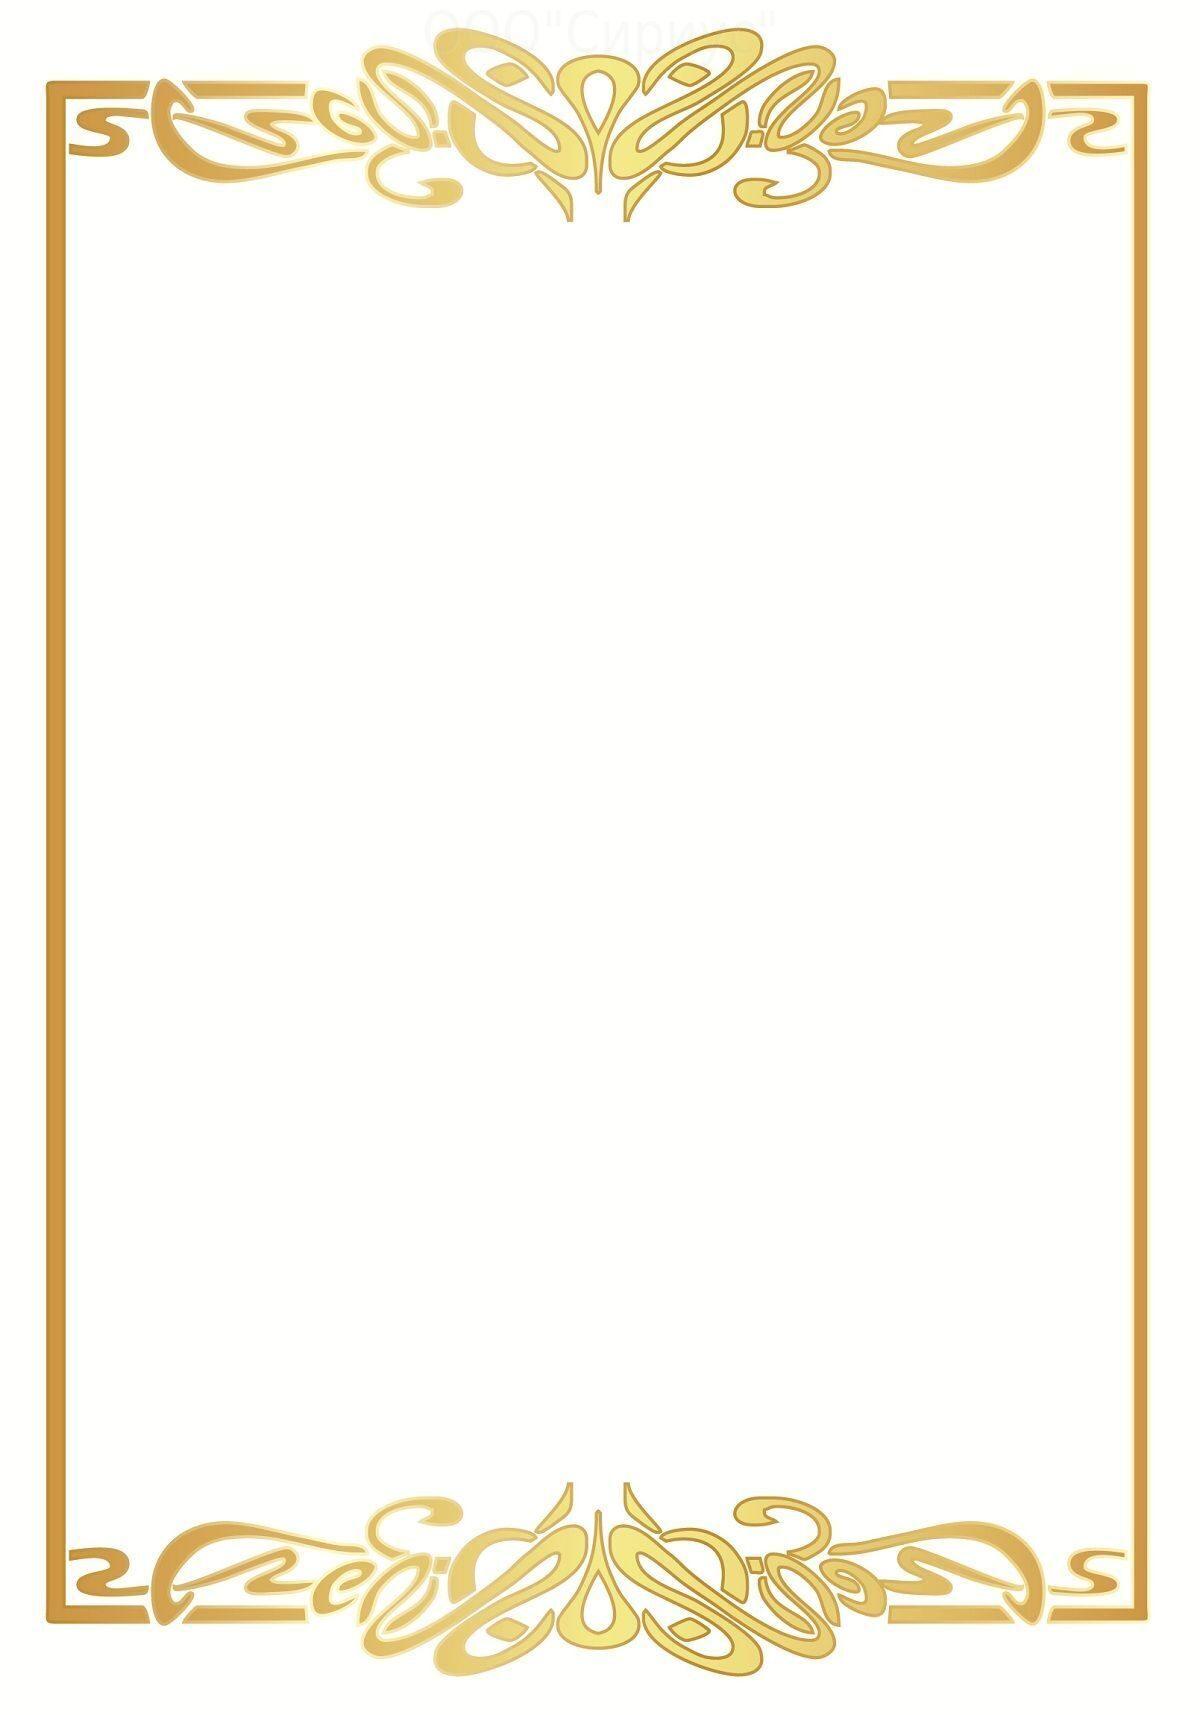 Как сделать красивые рамки в Word? - Компьютер для чайников 54